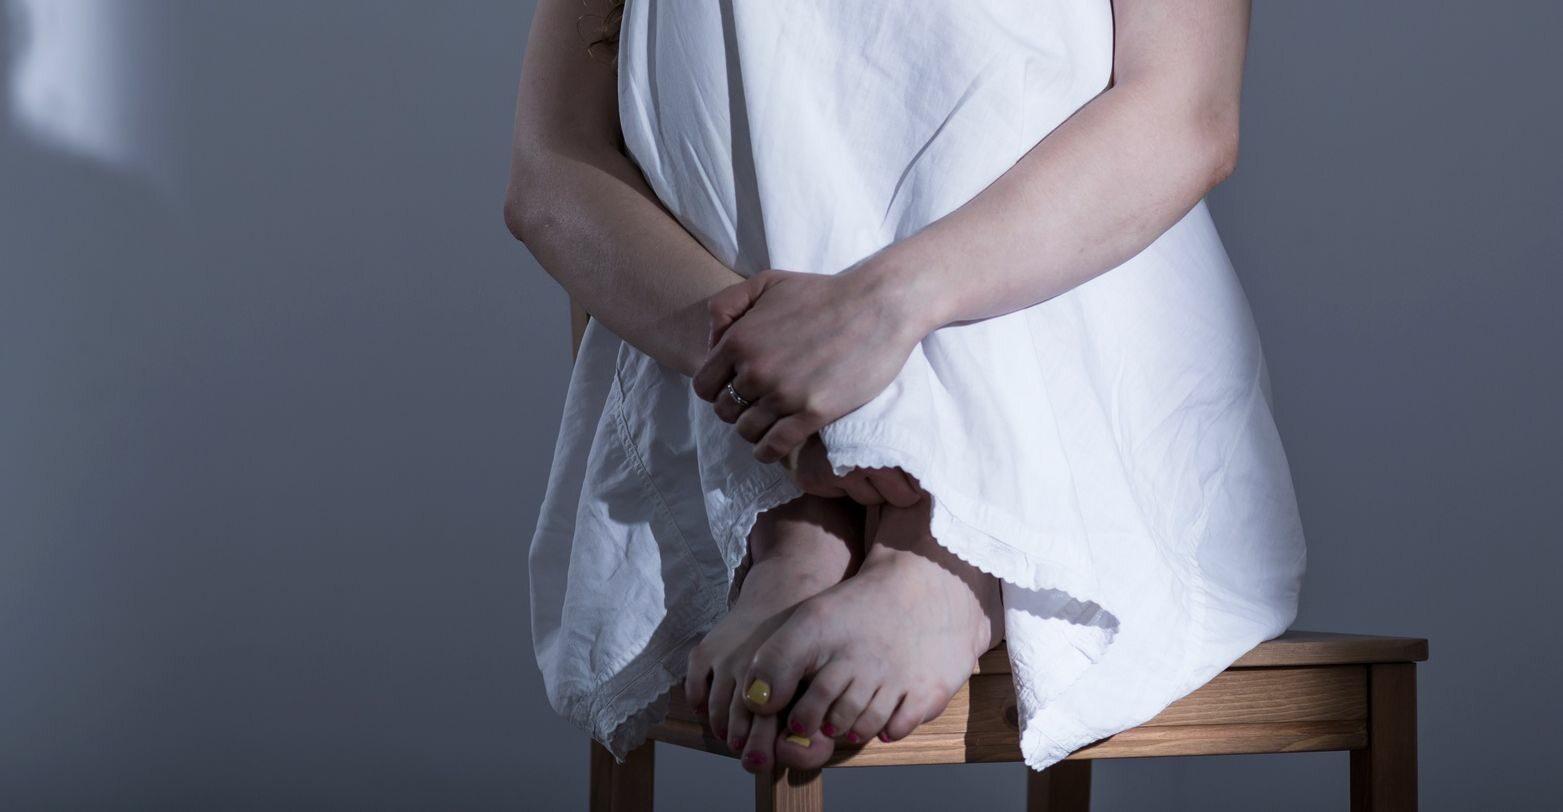 Ofiara przemocy, zdj. ilustracyjne